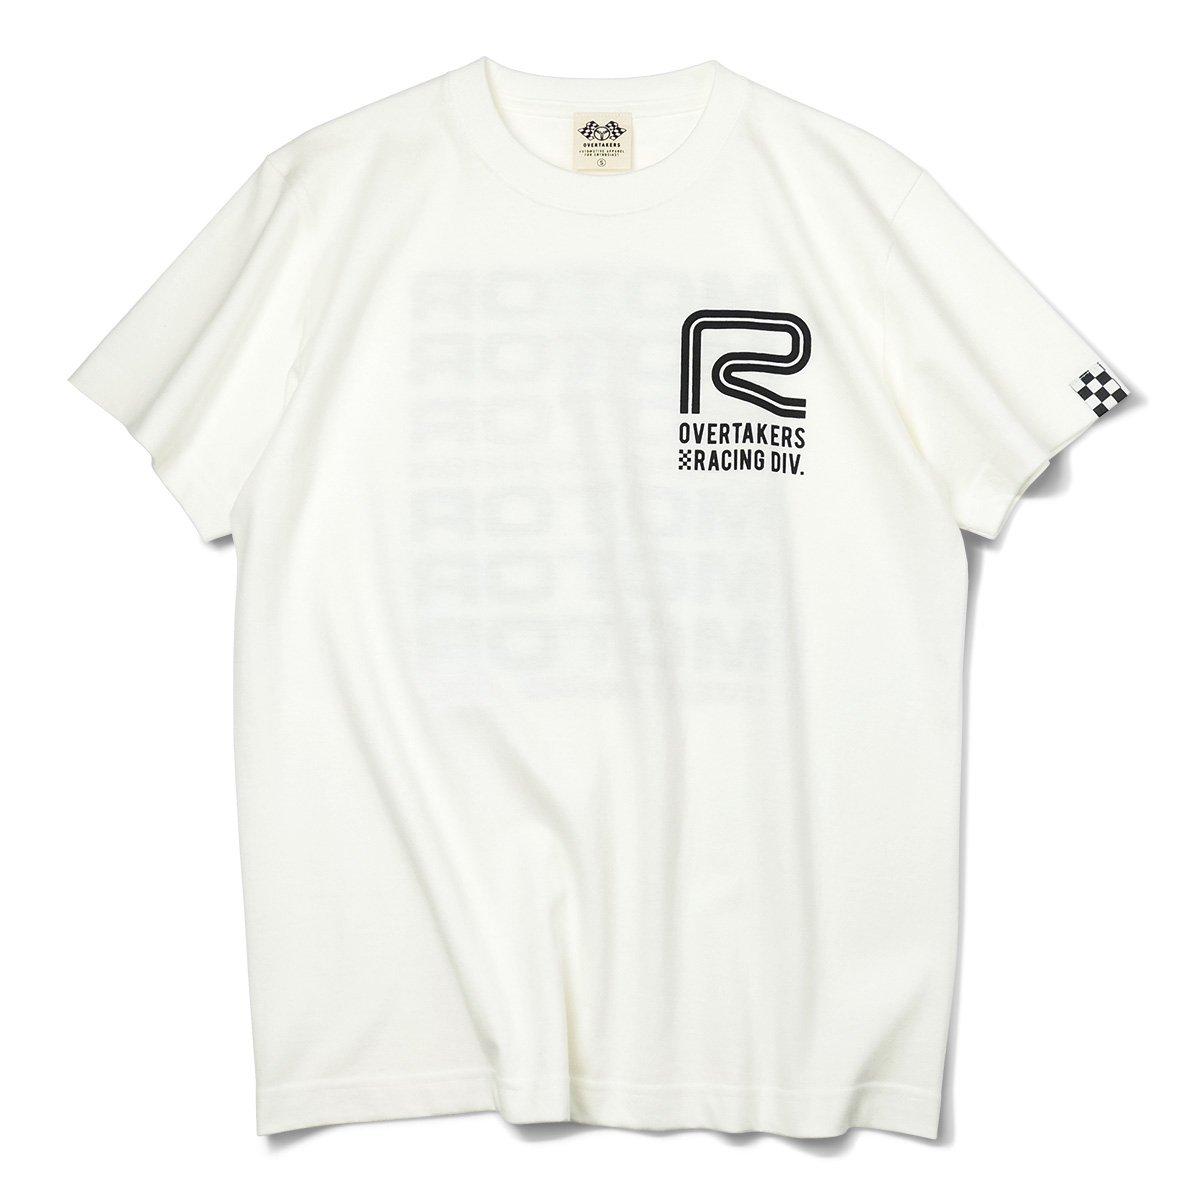 オーバーテイカーズのモーター系 OT RACING DIVISION Tシャツ